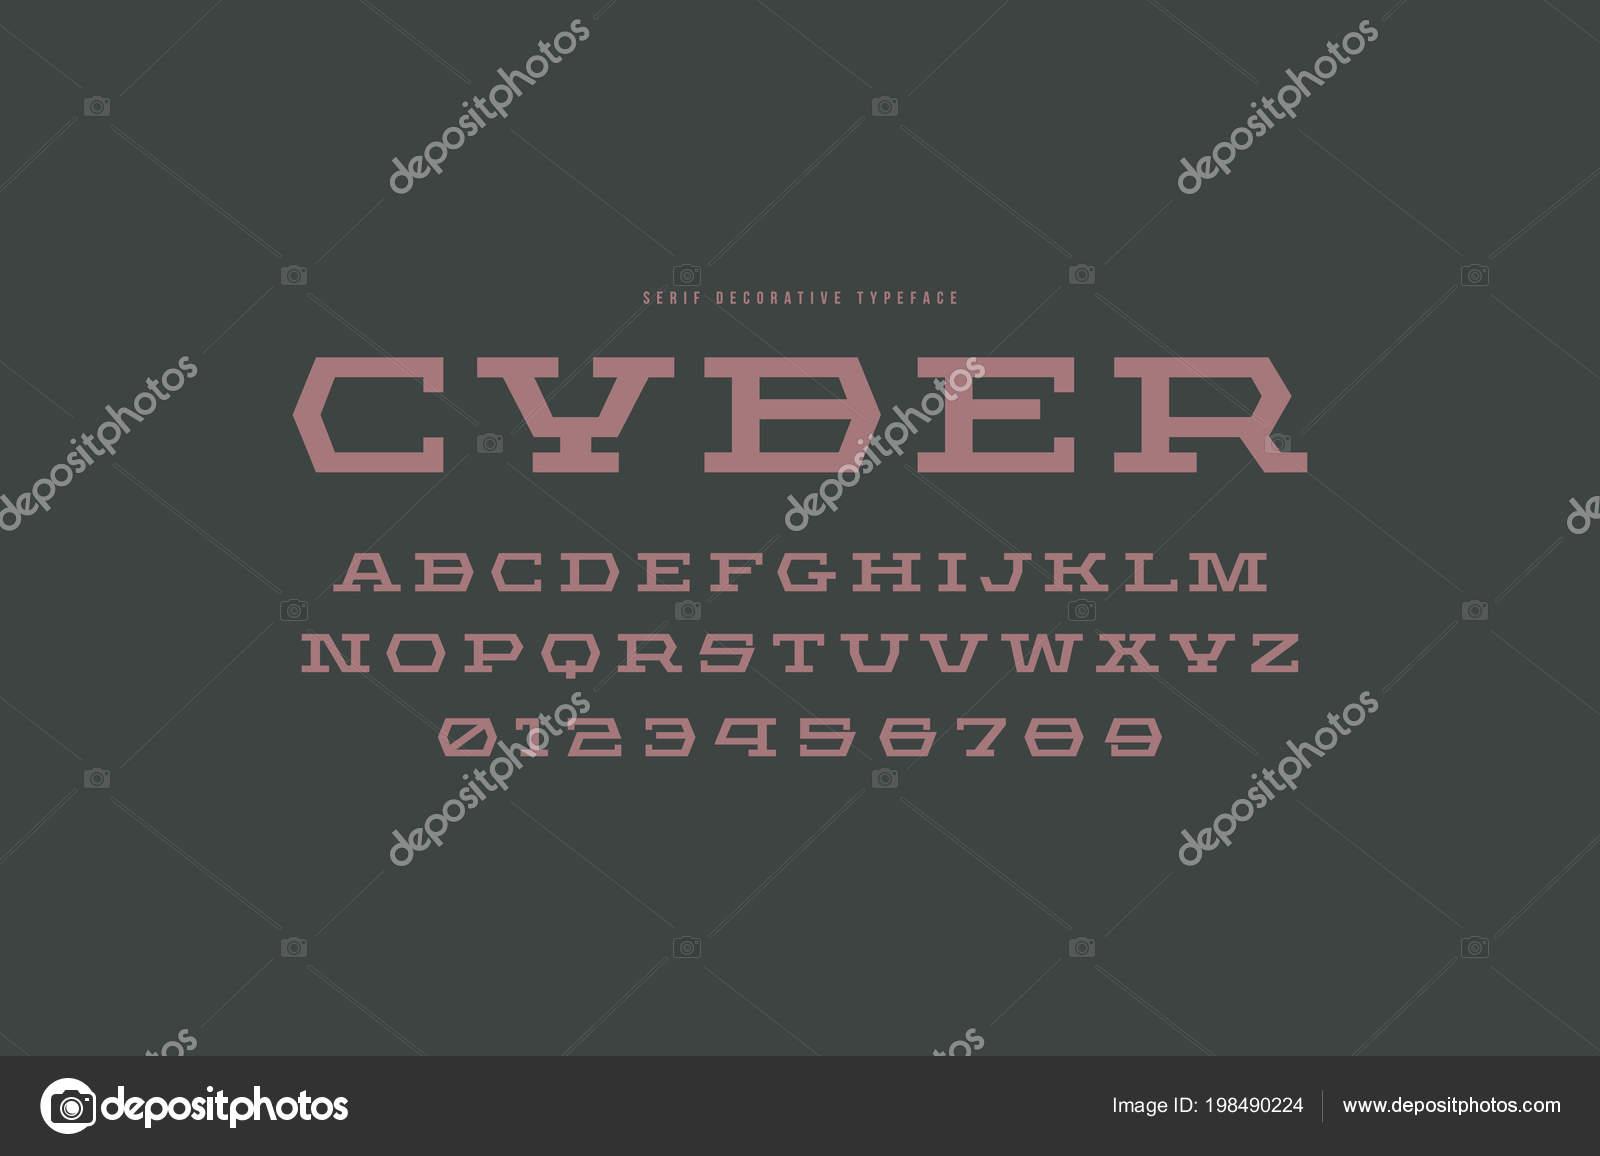 94af546f9 Fonte com serifa laje geométrica no estilo de esporte. Letras e números  para Sci-Fi